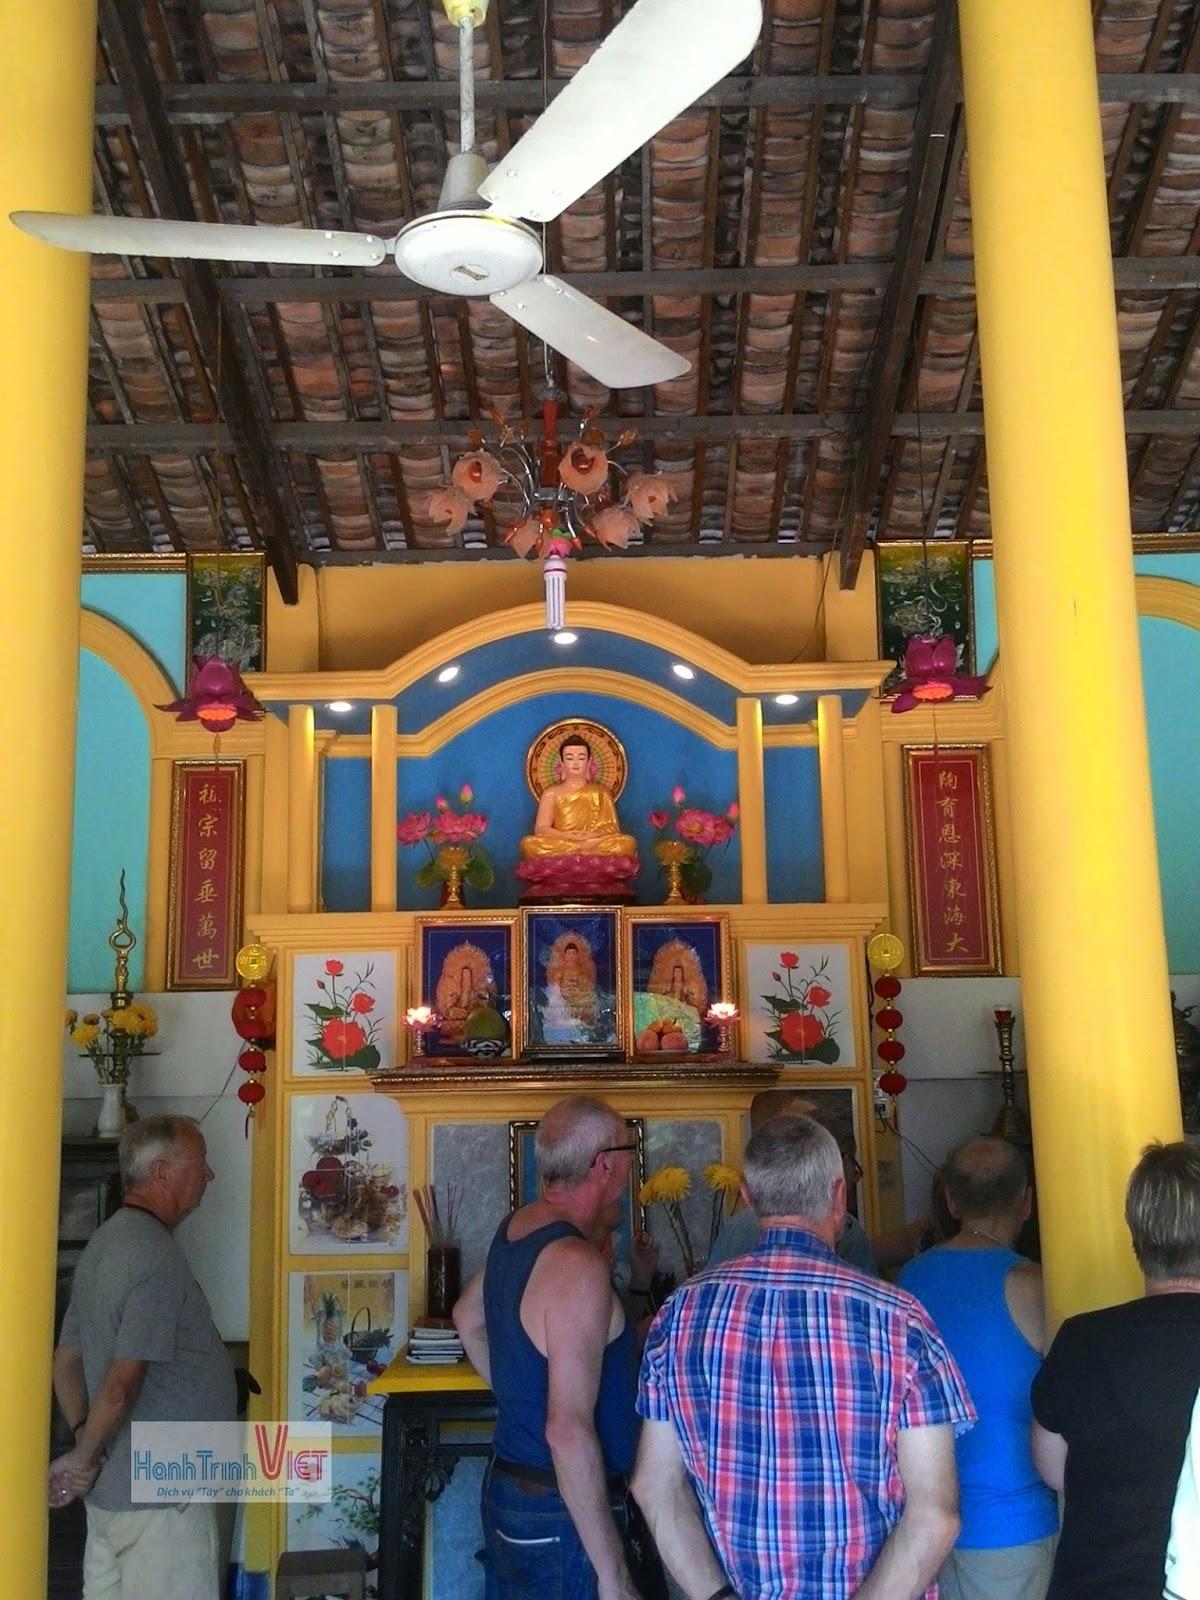 Tour khuyến mãi cho du khách khi đi thăm địa đạo Củ Chi